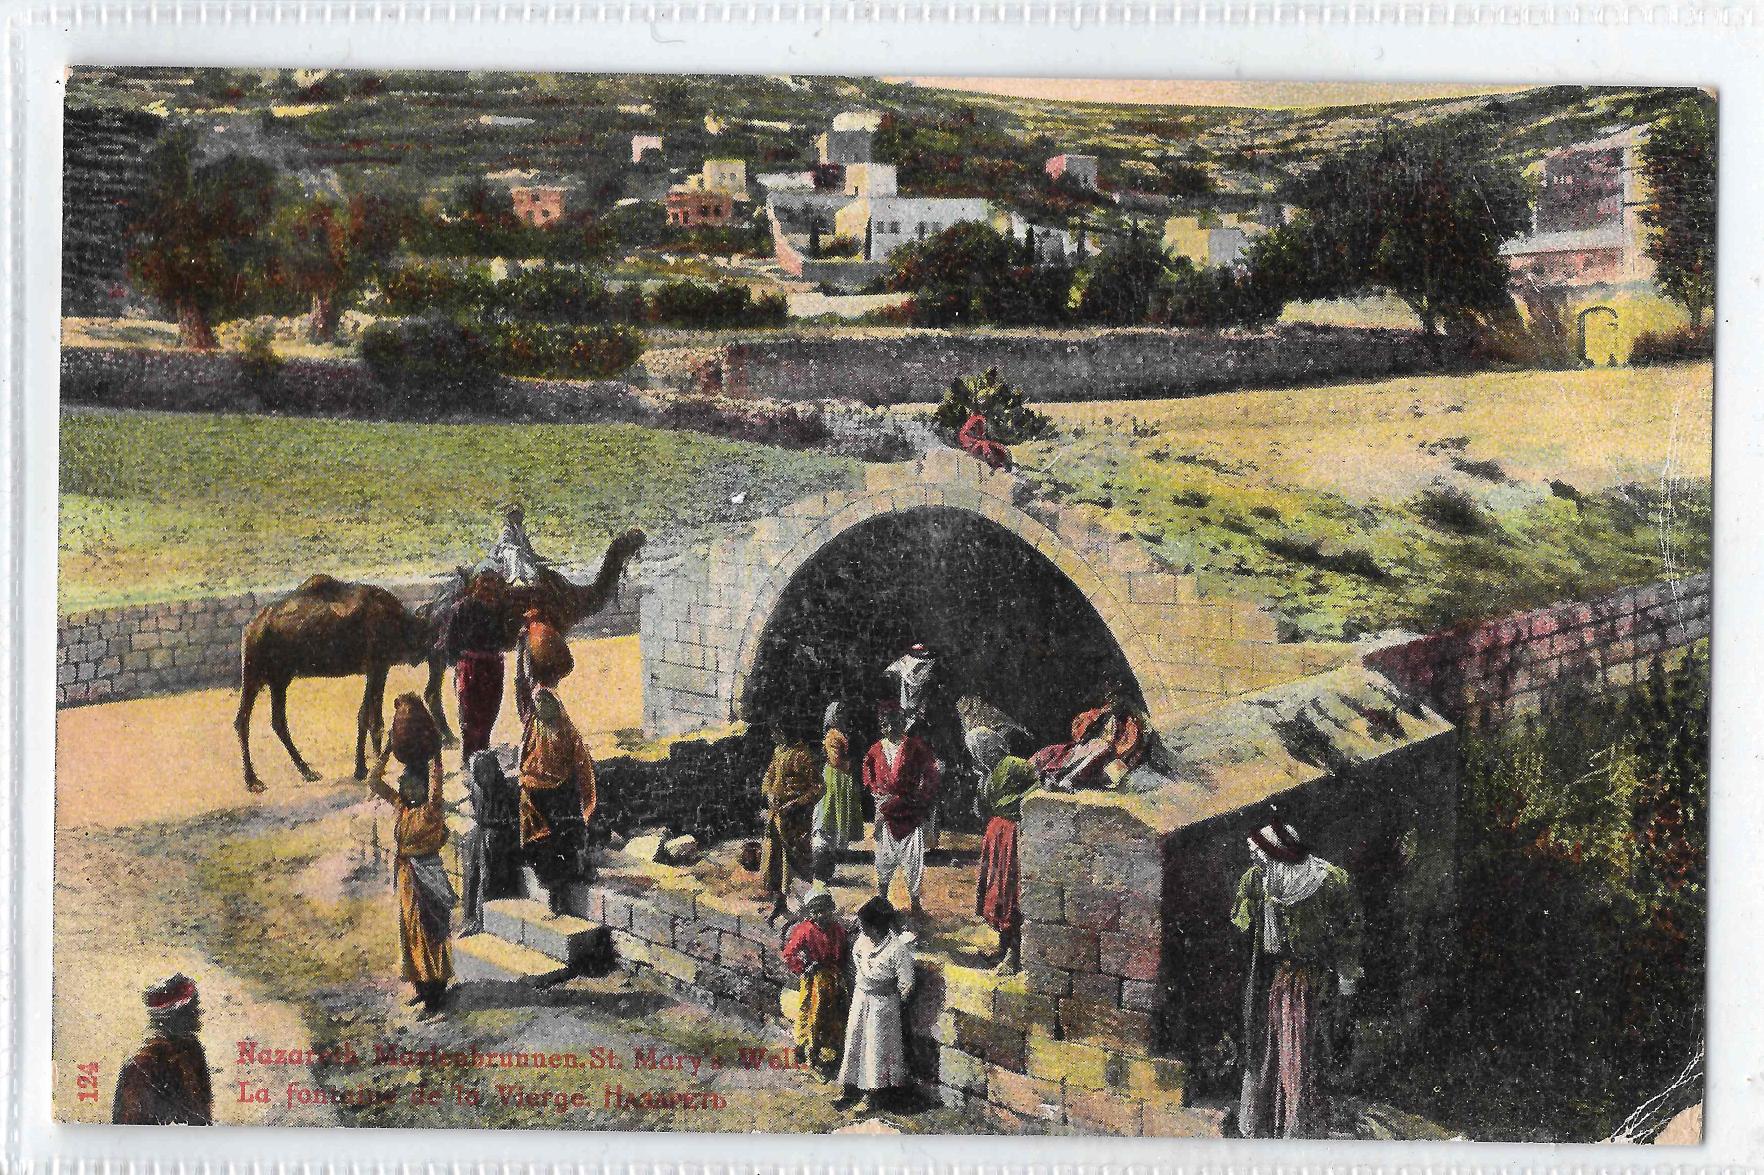 ماري في الناصرة.jpg